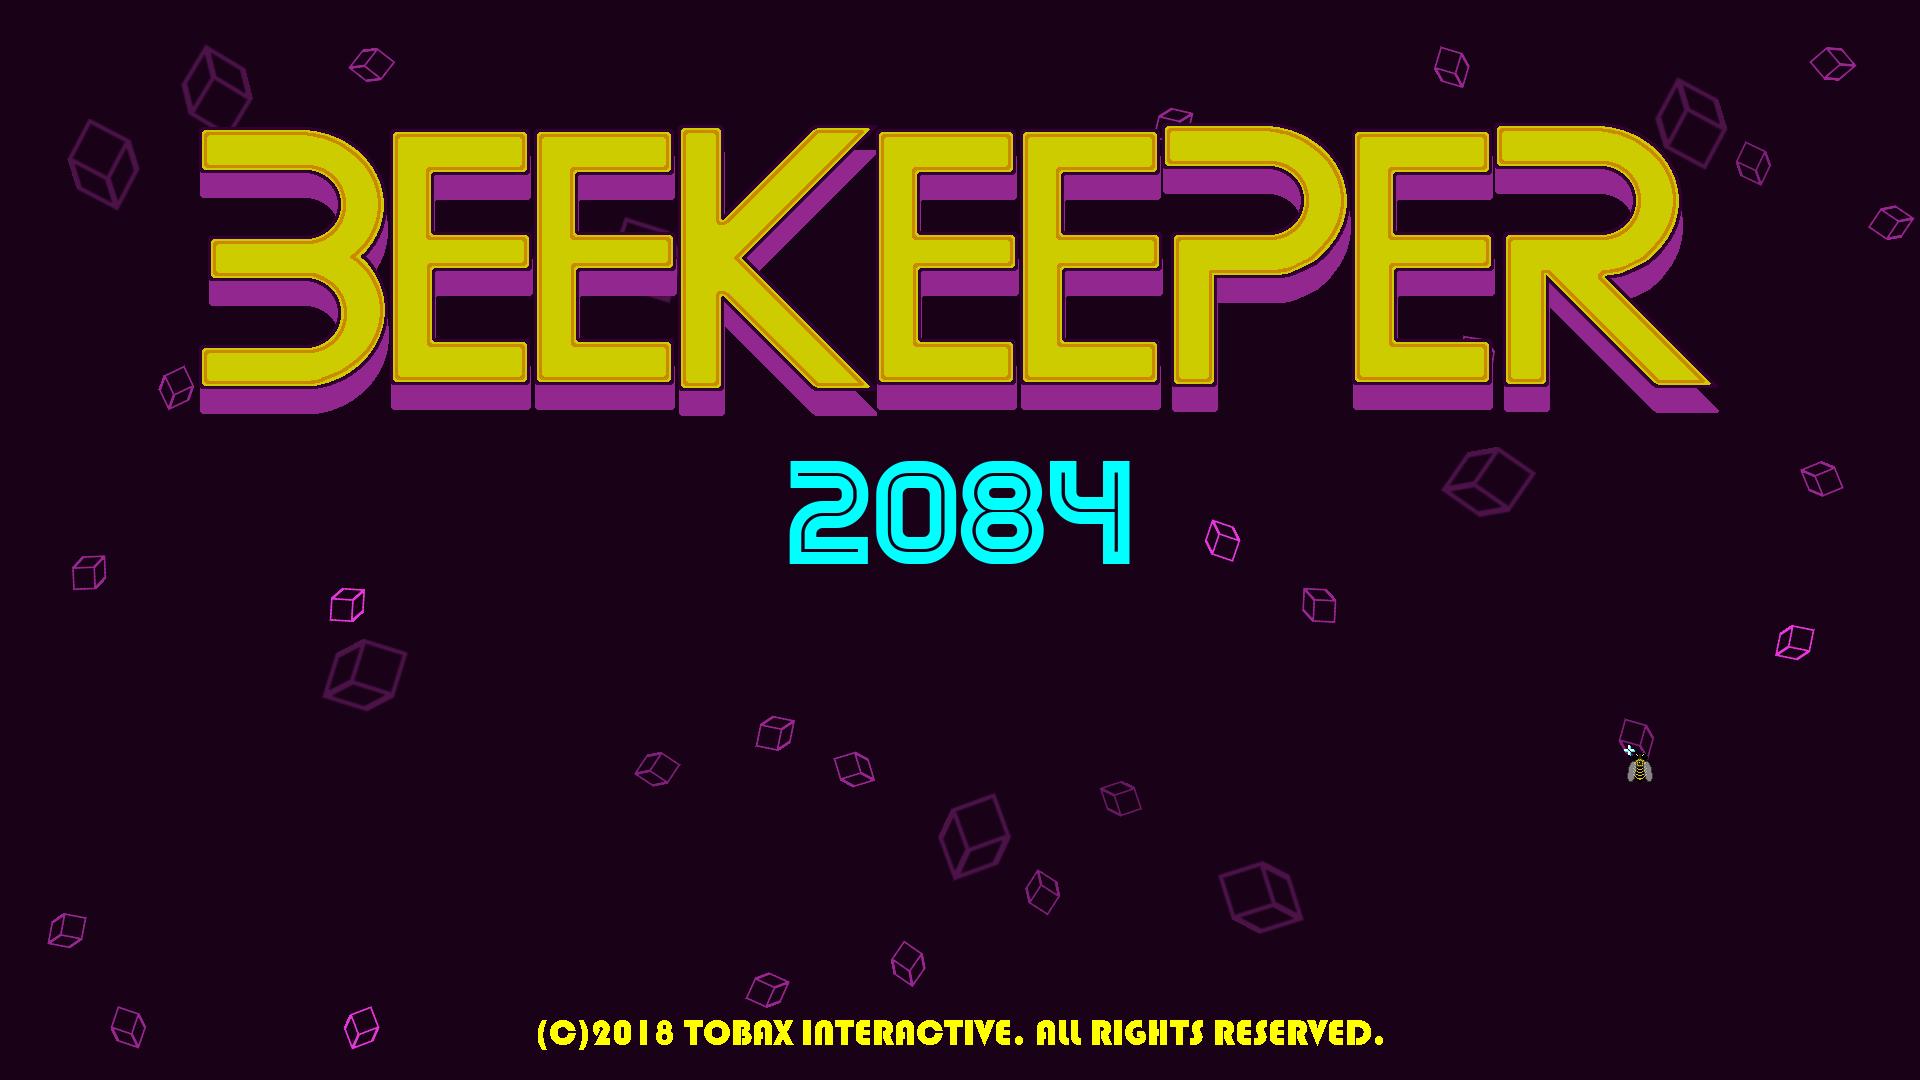 Beekeeper 2084